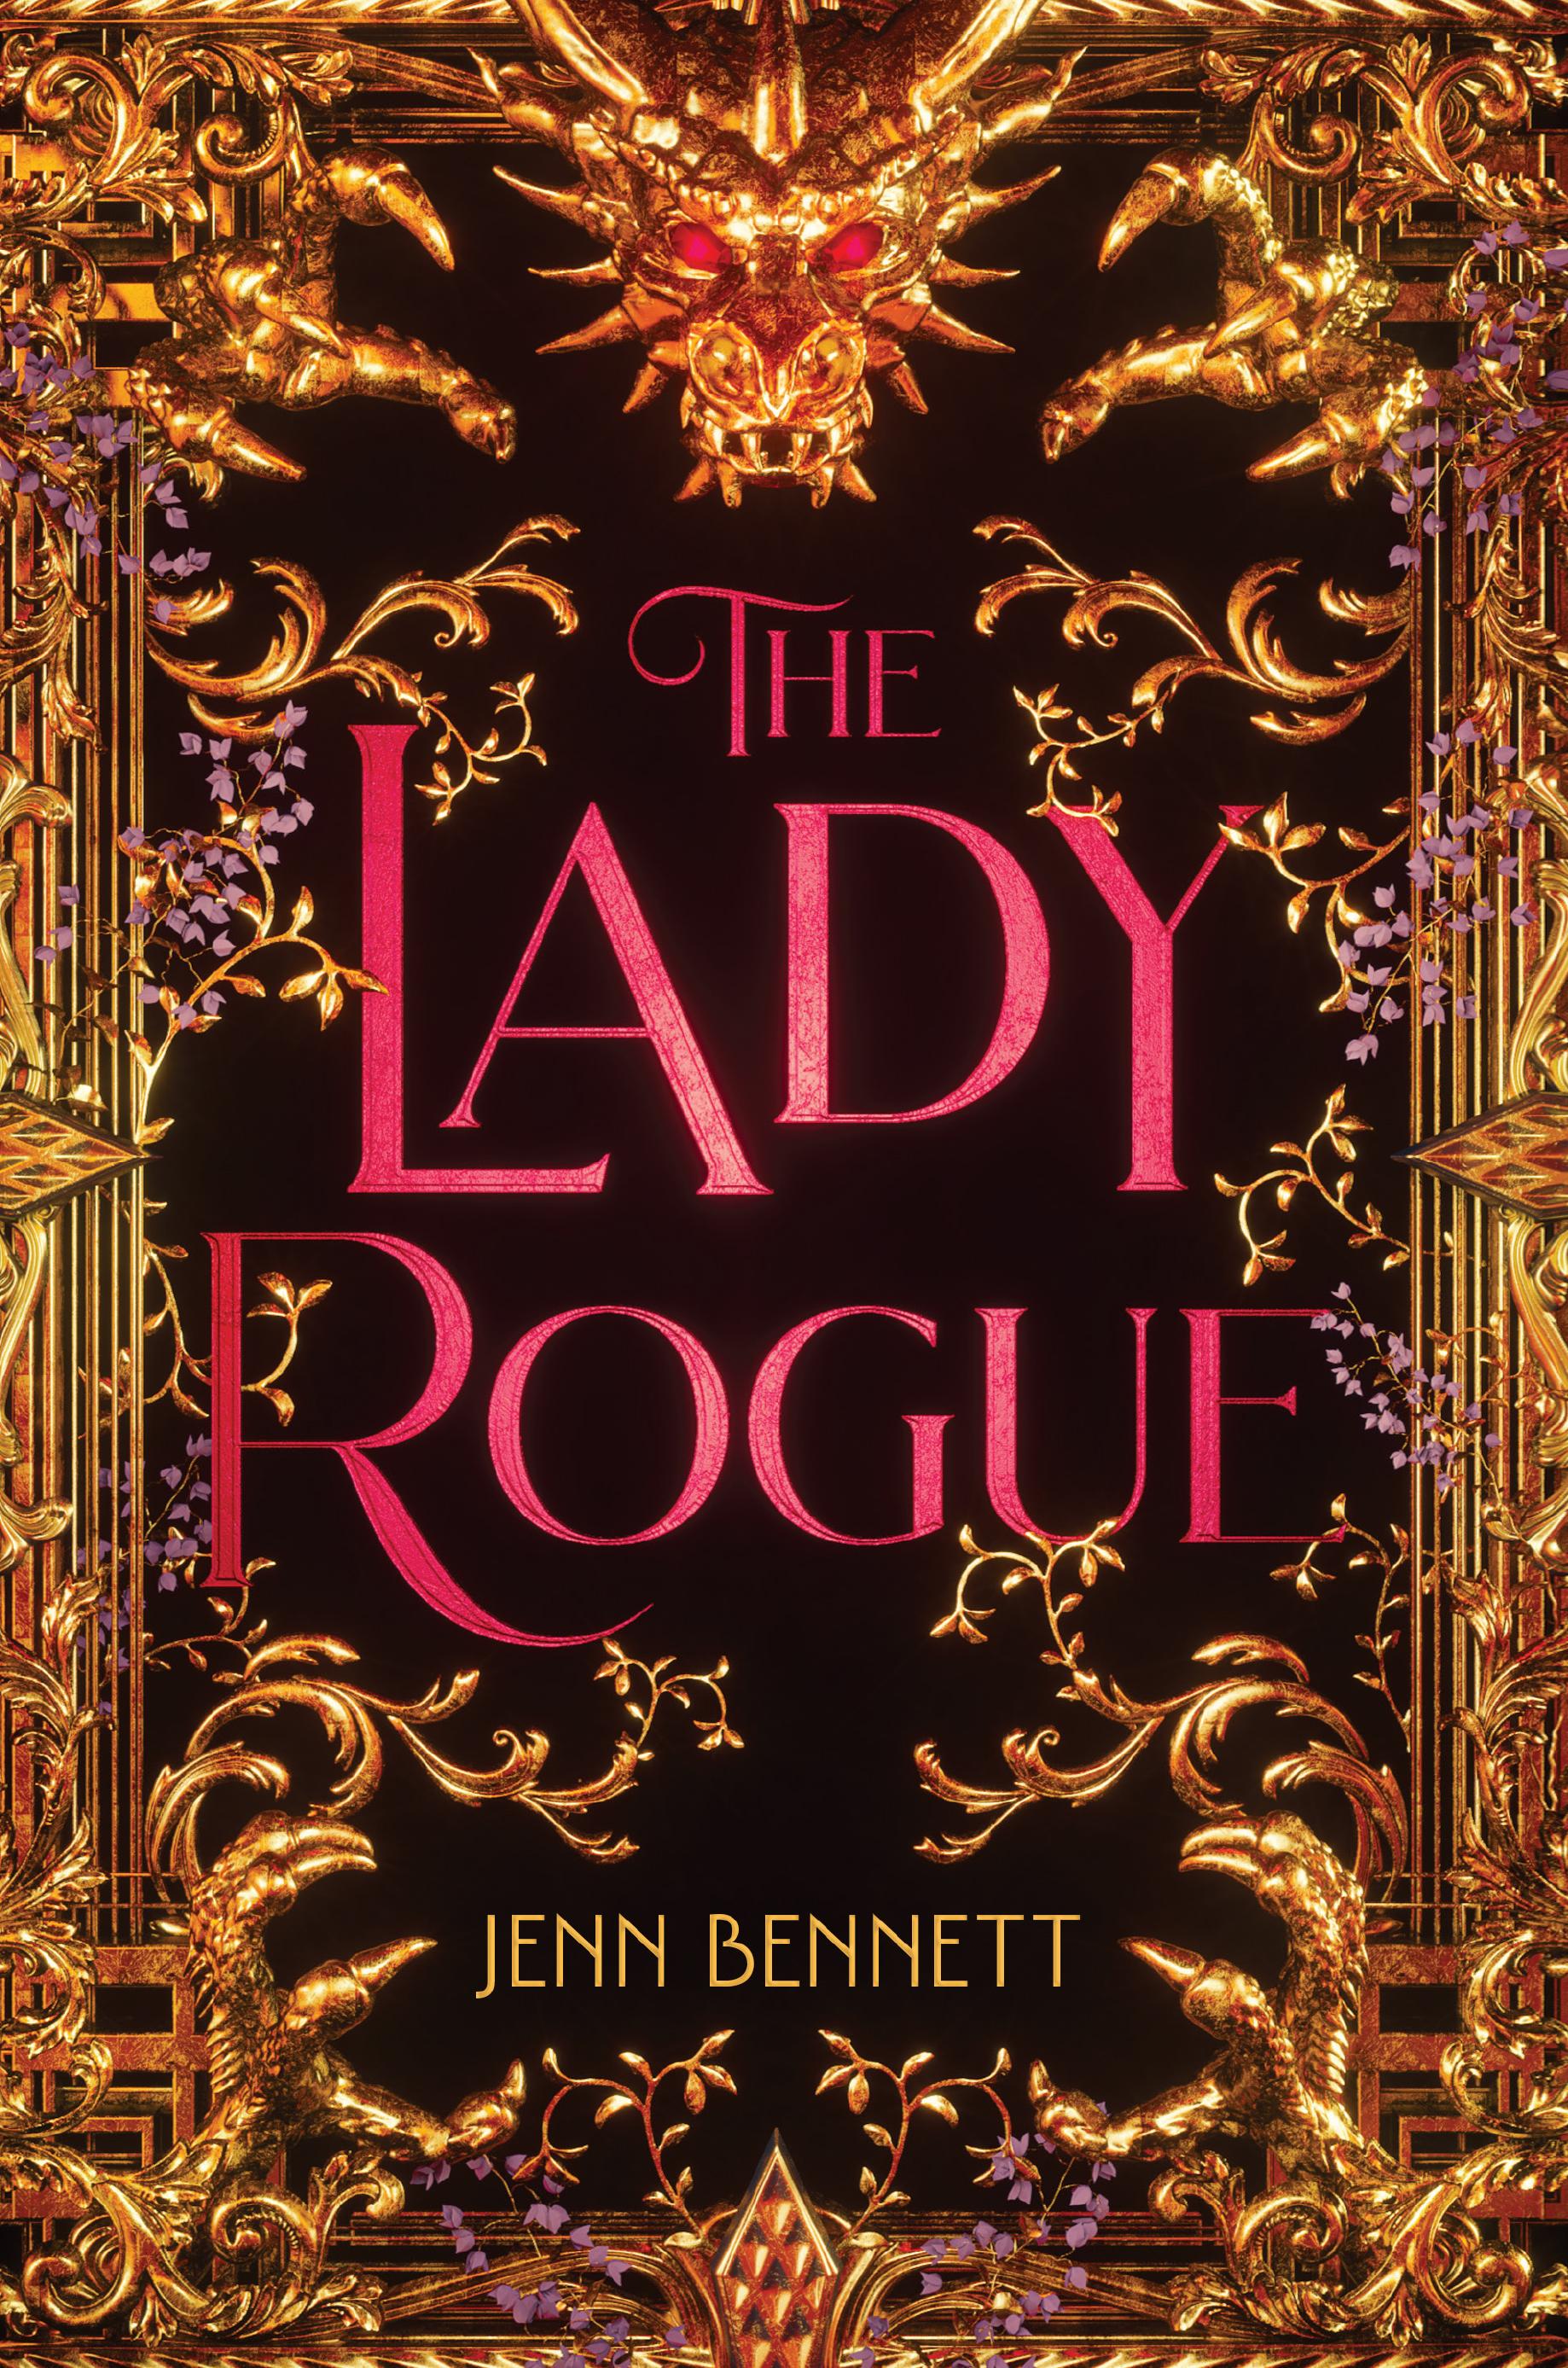 Cover reveal for Jenn Bennett's new book